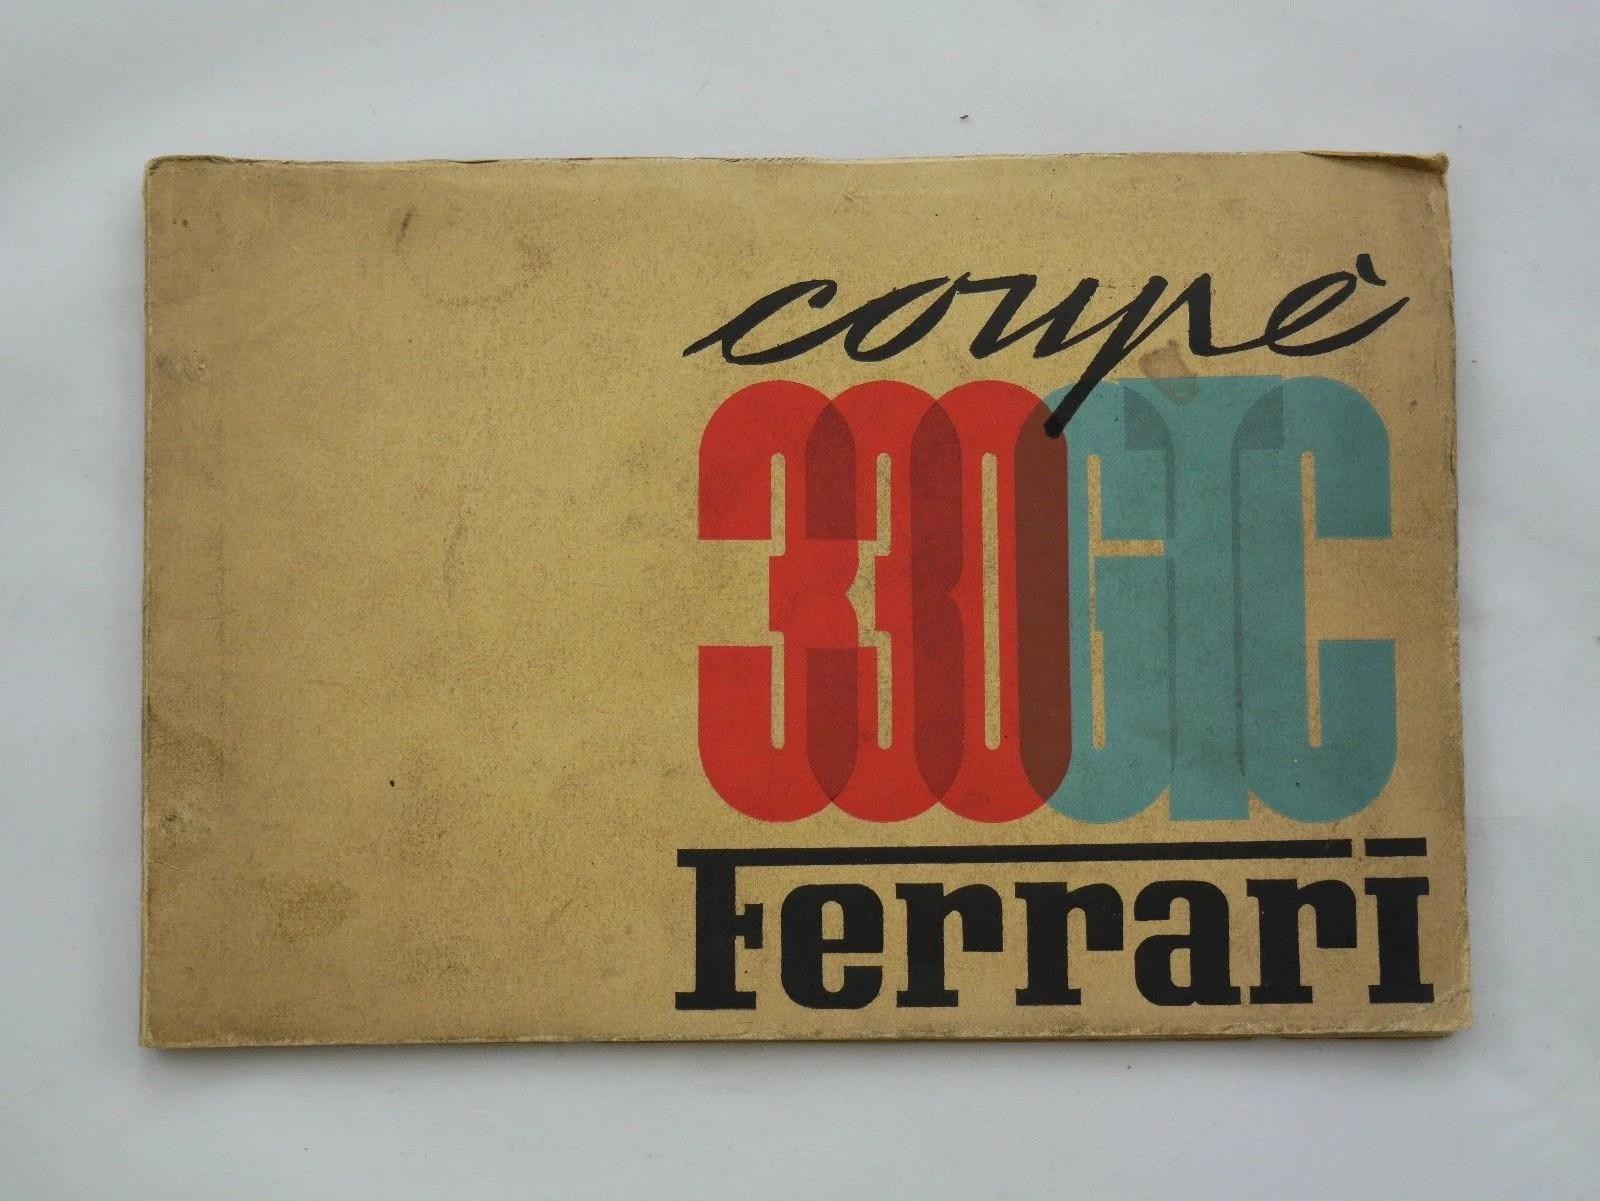 1967 ferrari 330 gtc spare parts manual 6carb yamaha parts diagram ferrari parts diagram [ 1600 x 1201 Pixel ]